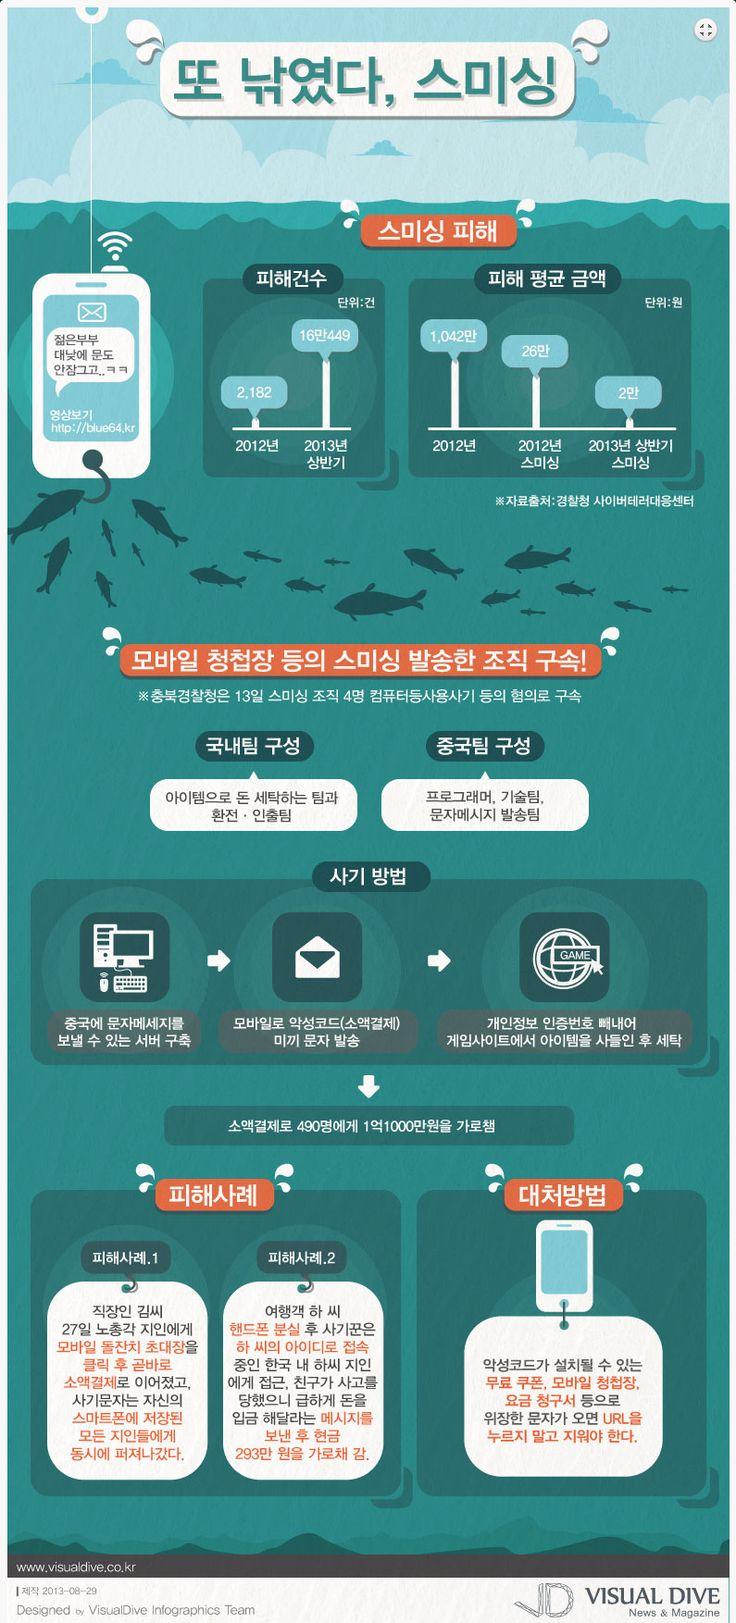 [Infographic] '또 낚였다', 스미싱에 관한 인포그래픽